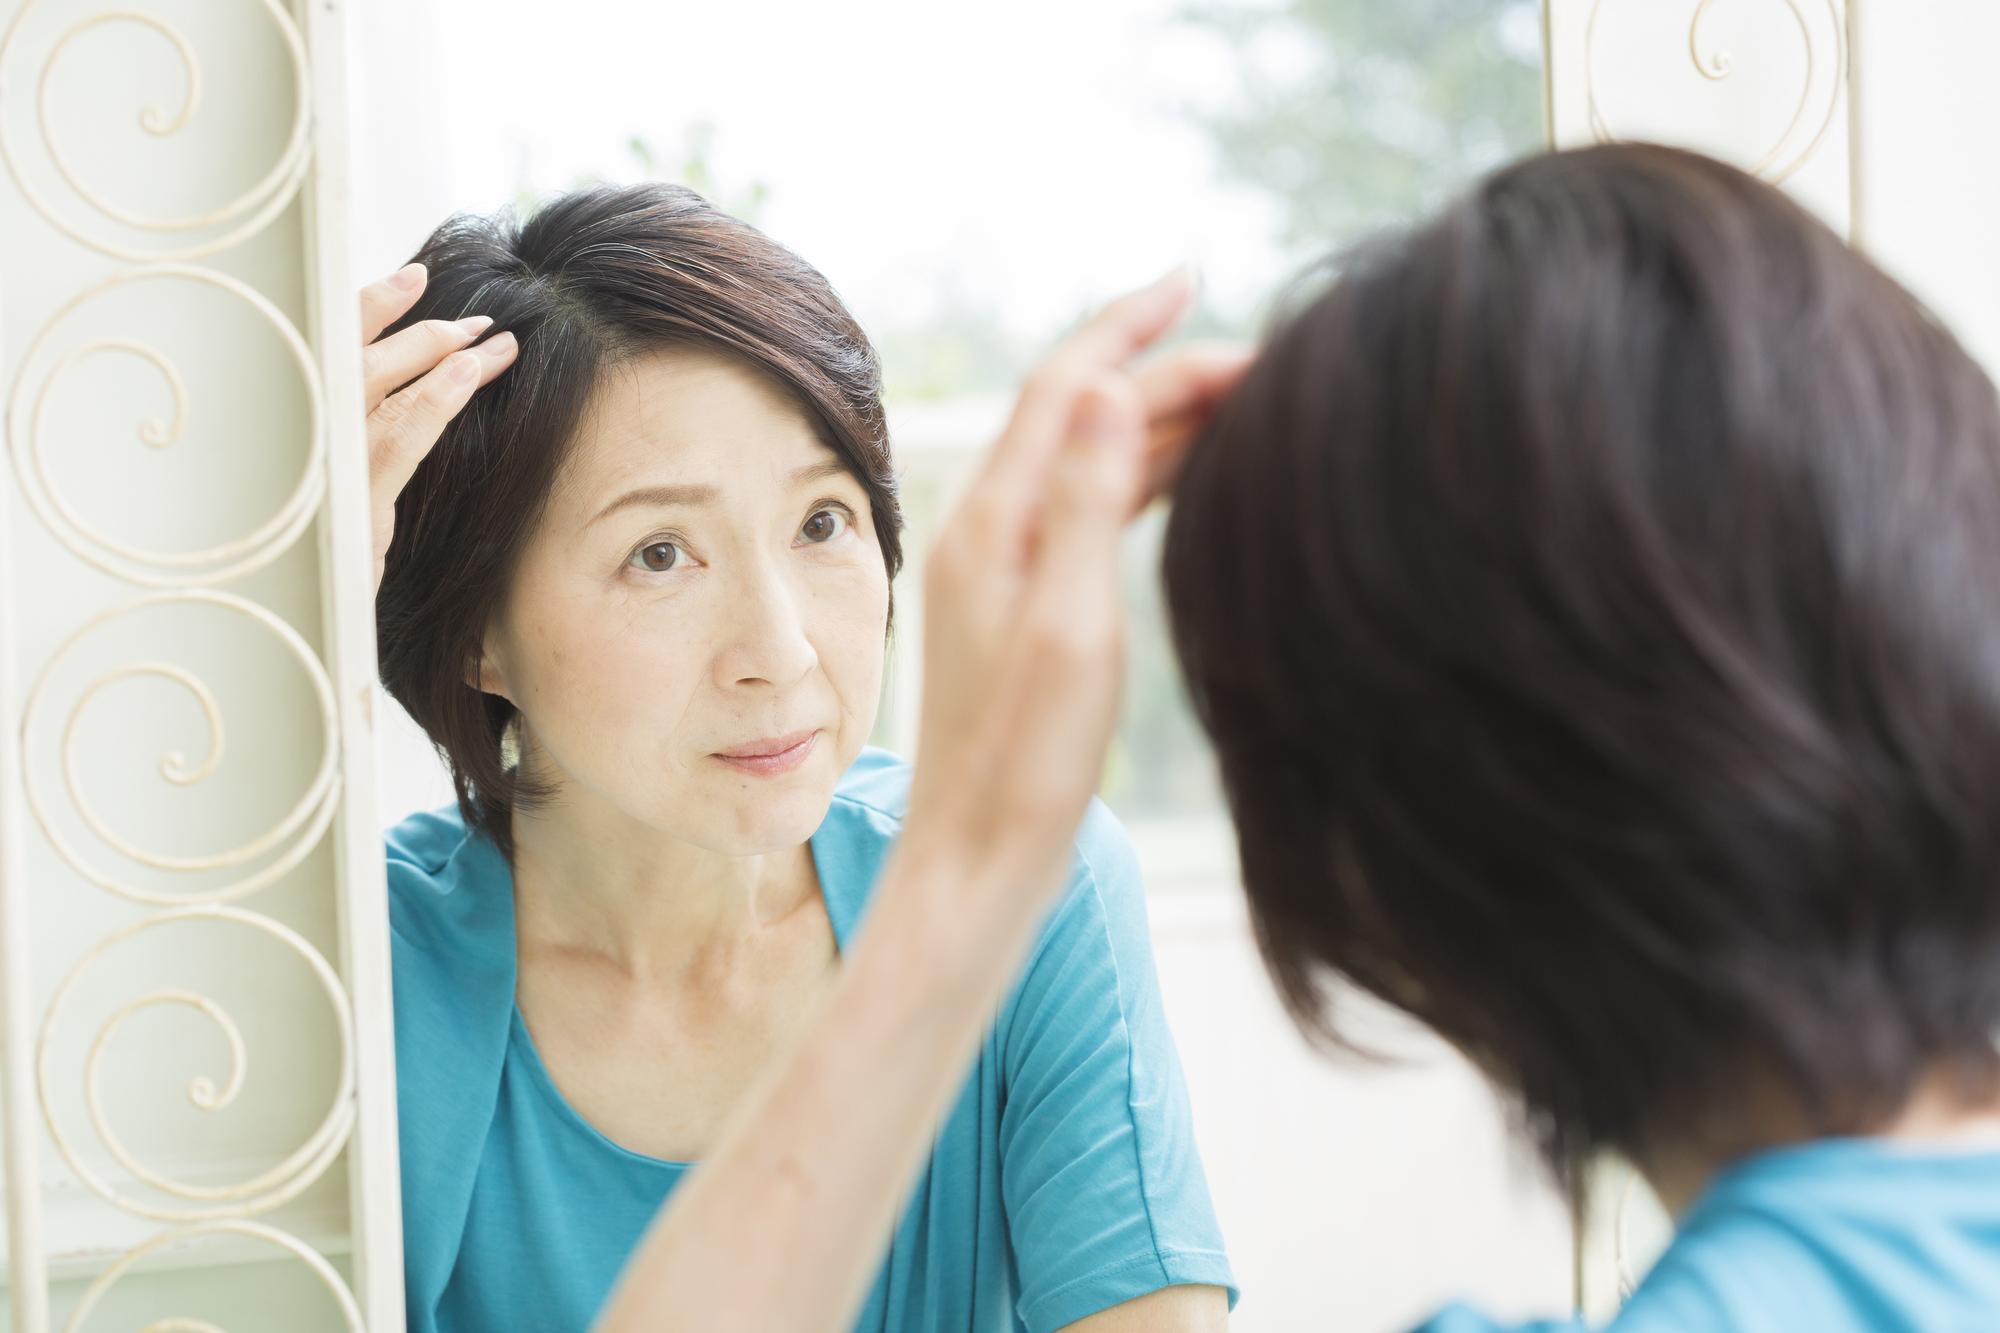 更年期の薄毛にはコレ!50代女性におすすめの育毛剤まとめ